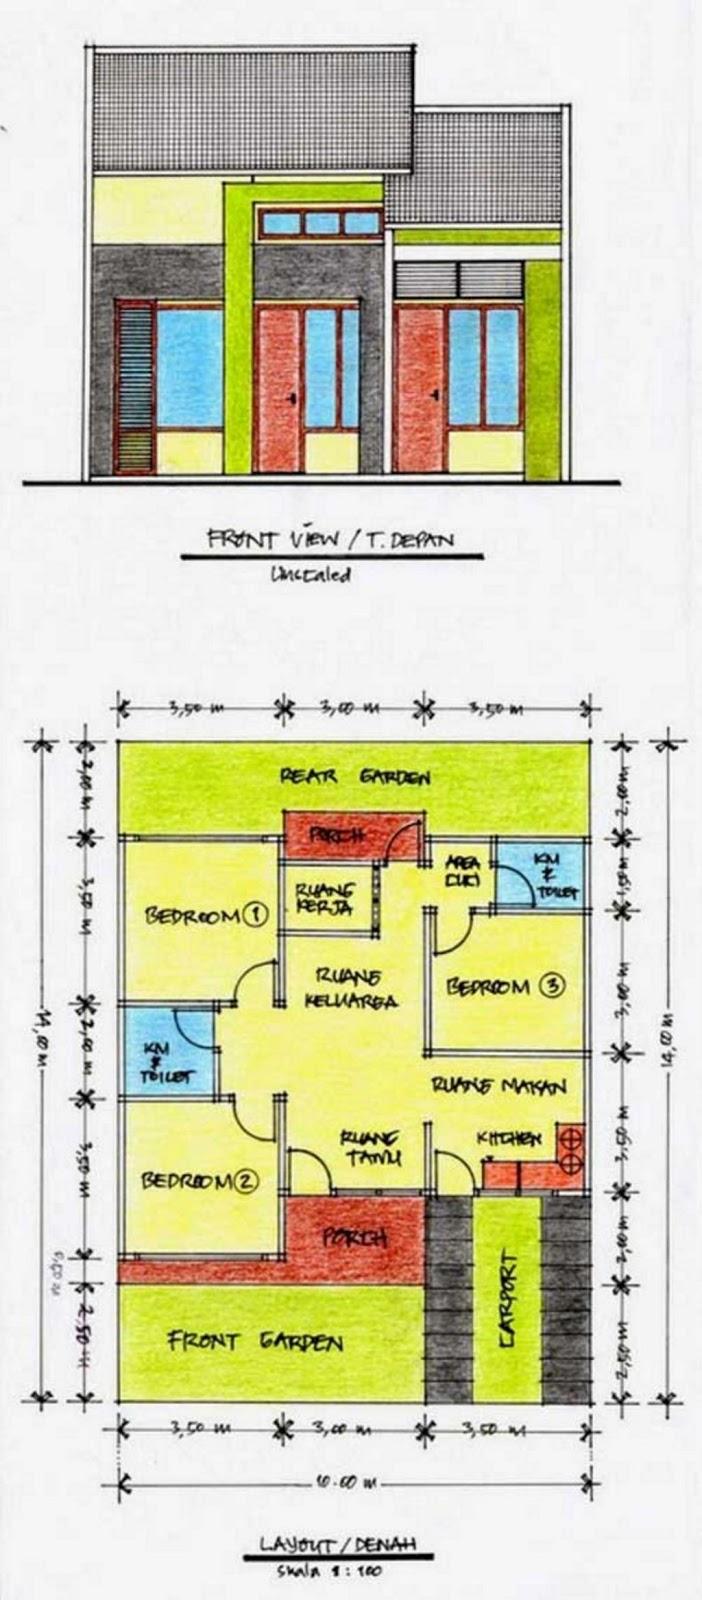 Desain Denah Rumah 10x15 Unik